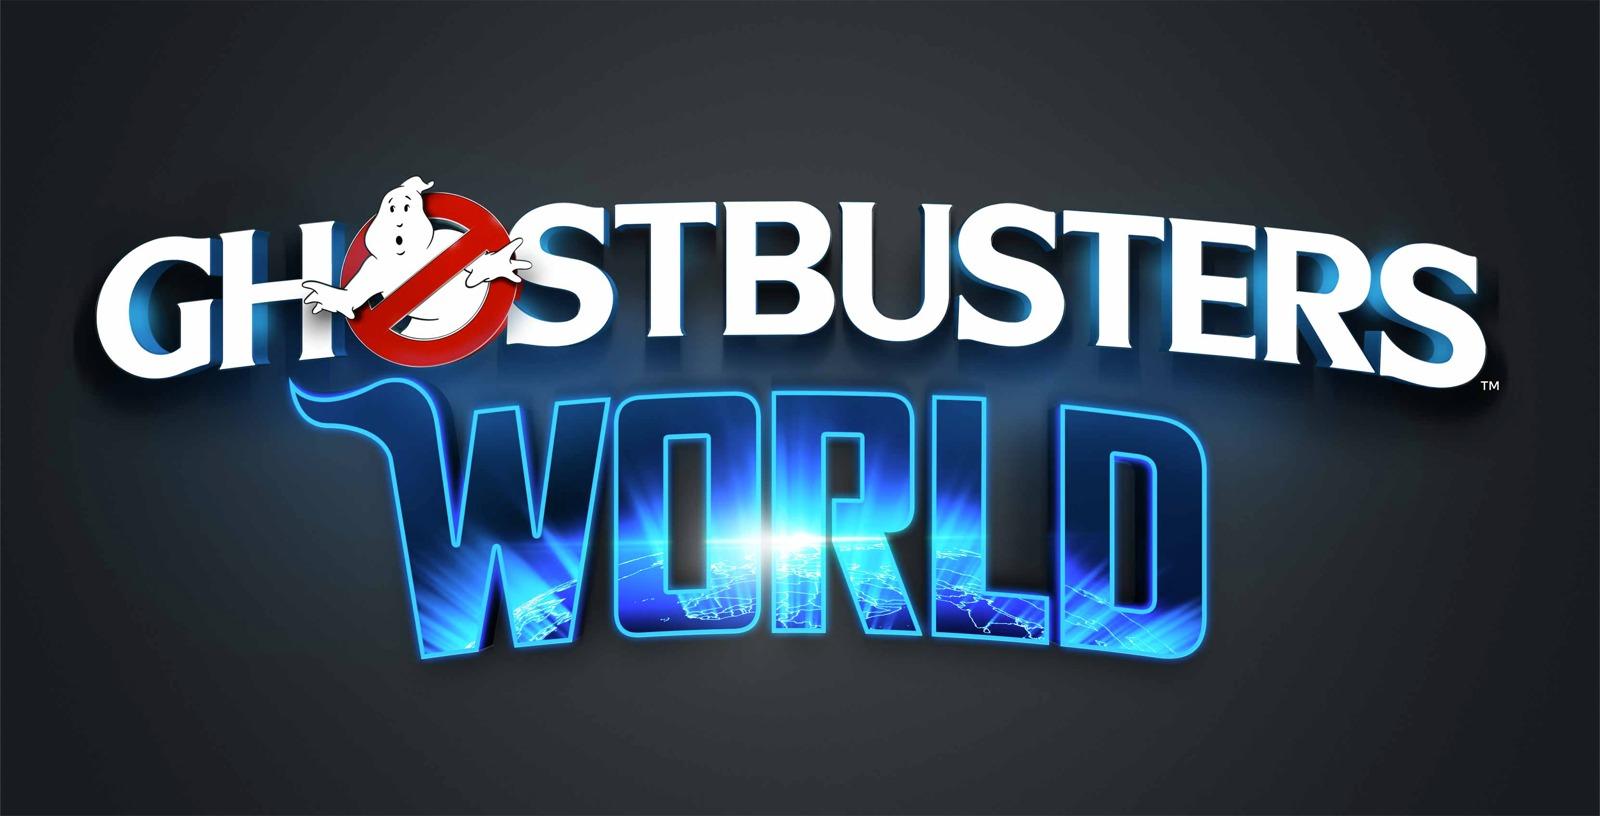 Un jeu mobile en réalité augmentée autour de Ghostbusters en préparation